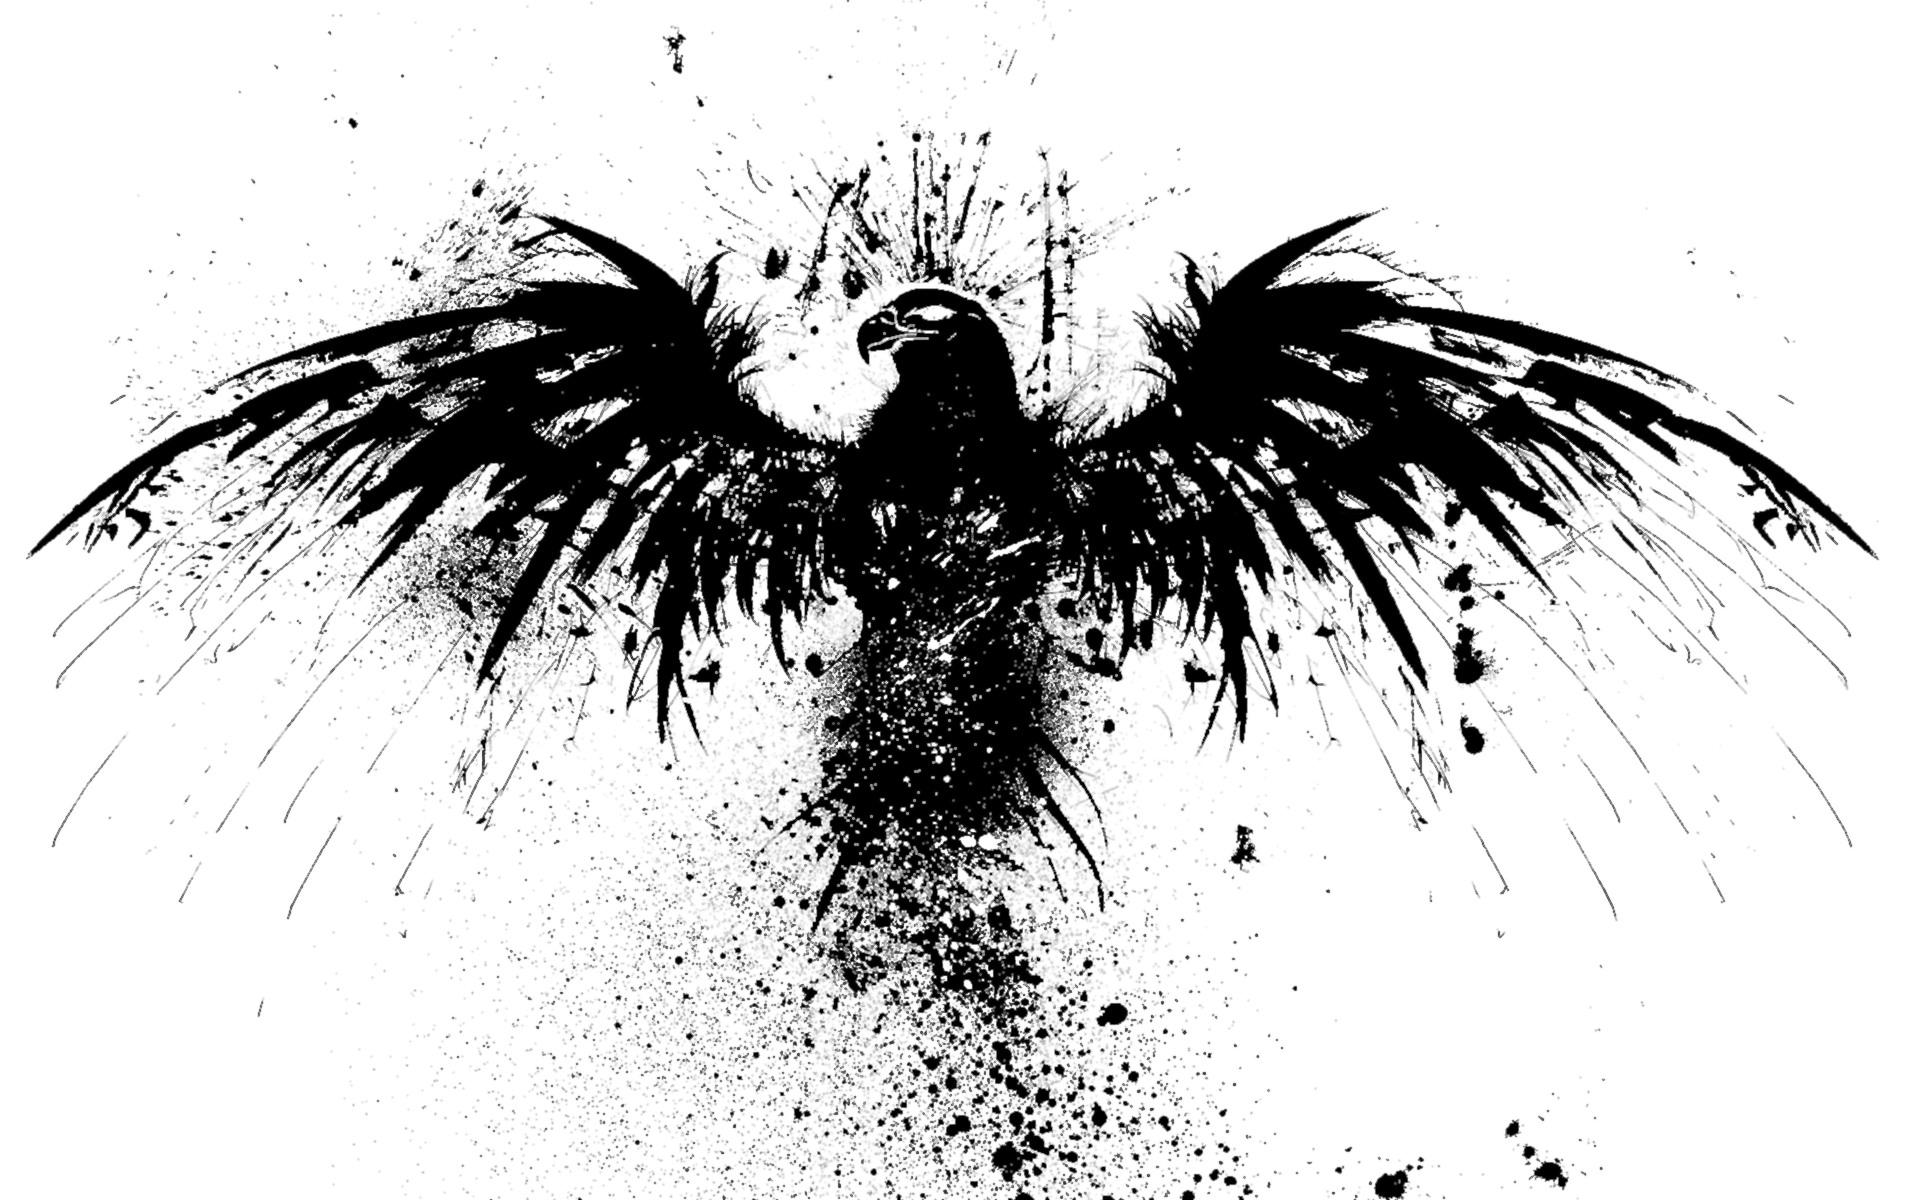 Eagle-Splatter.jpg